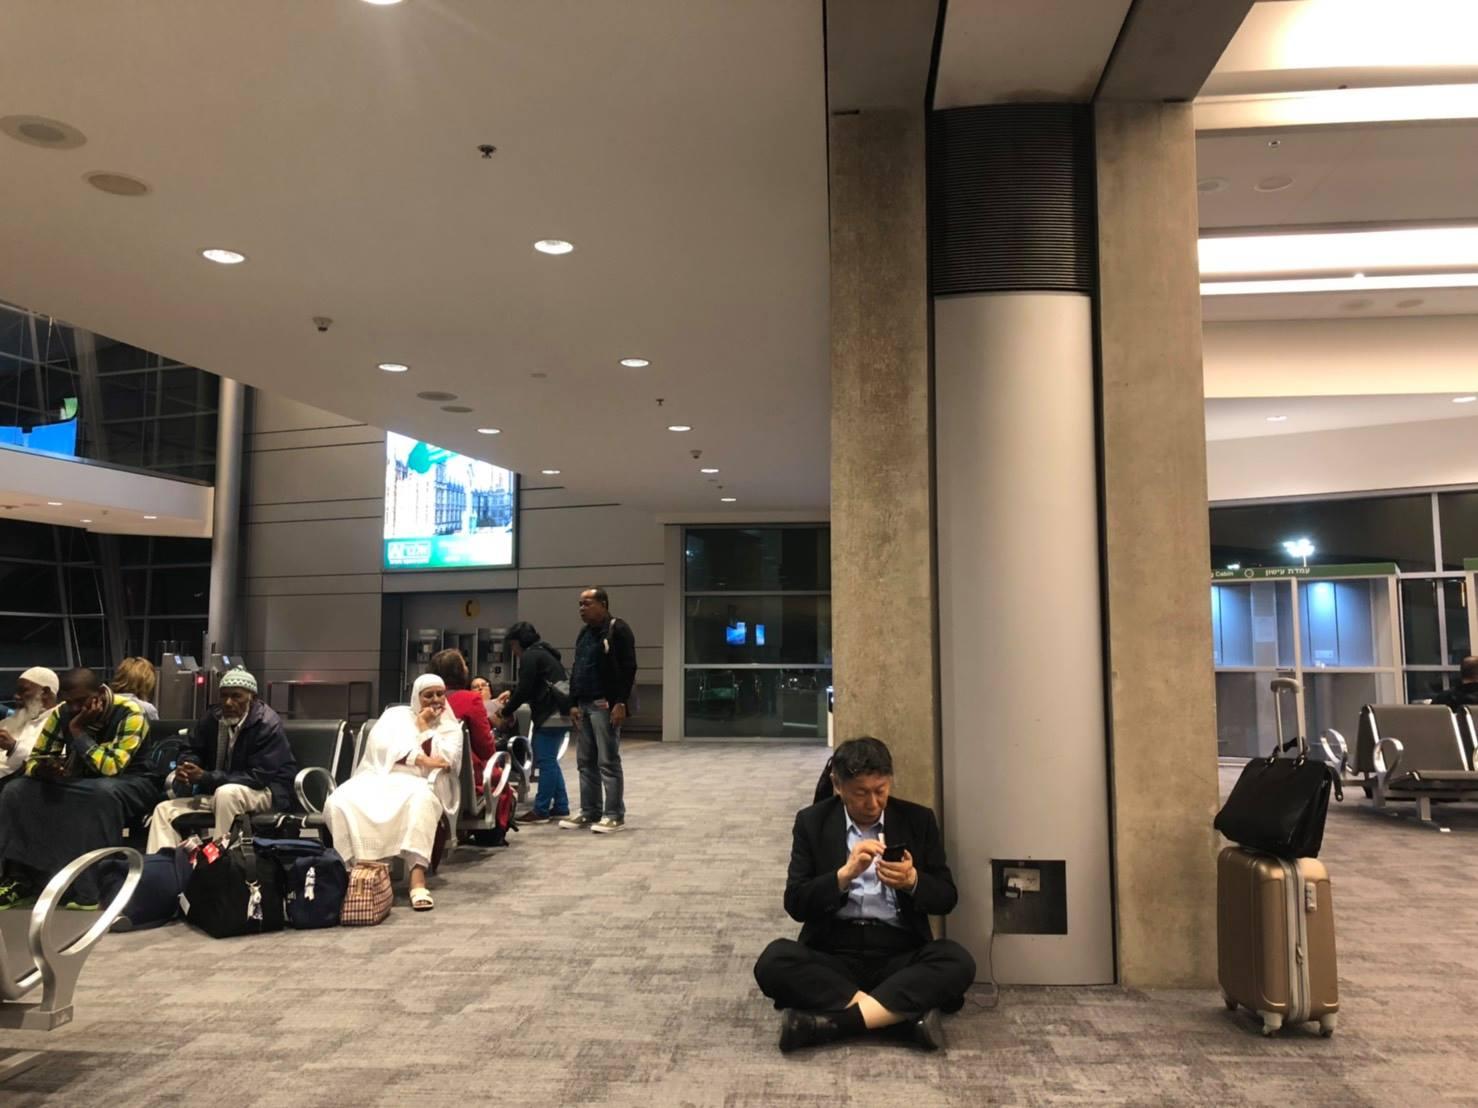 柯文哲上個月訪以色列返國時,在臉書PO出一張坐在機場充電的照片,遭王世堅酸是「假親民、假隨興」。圖:翻攝自 柯文哲臉書